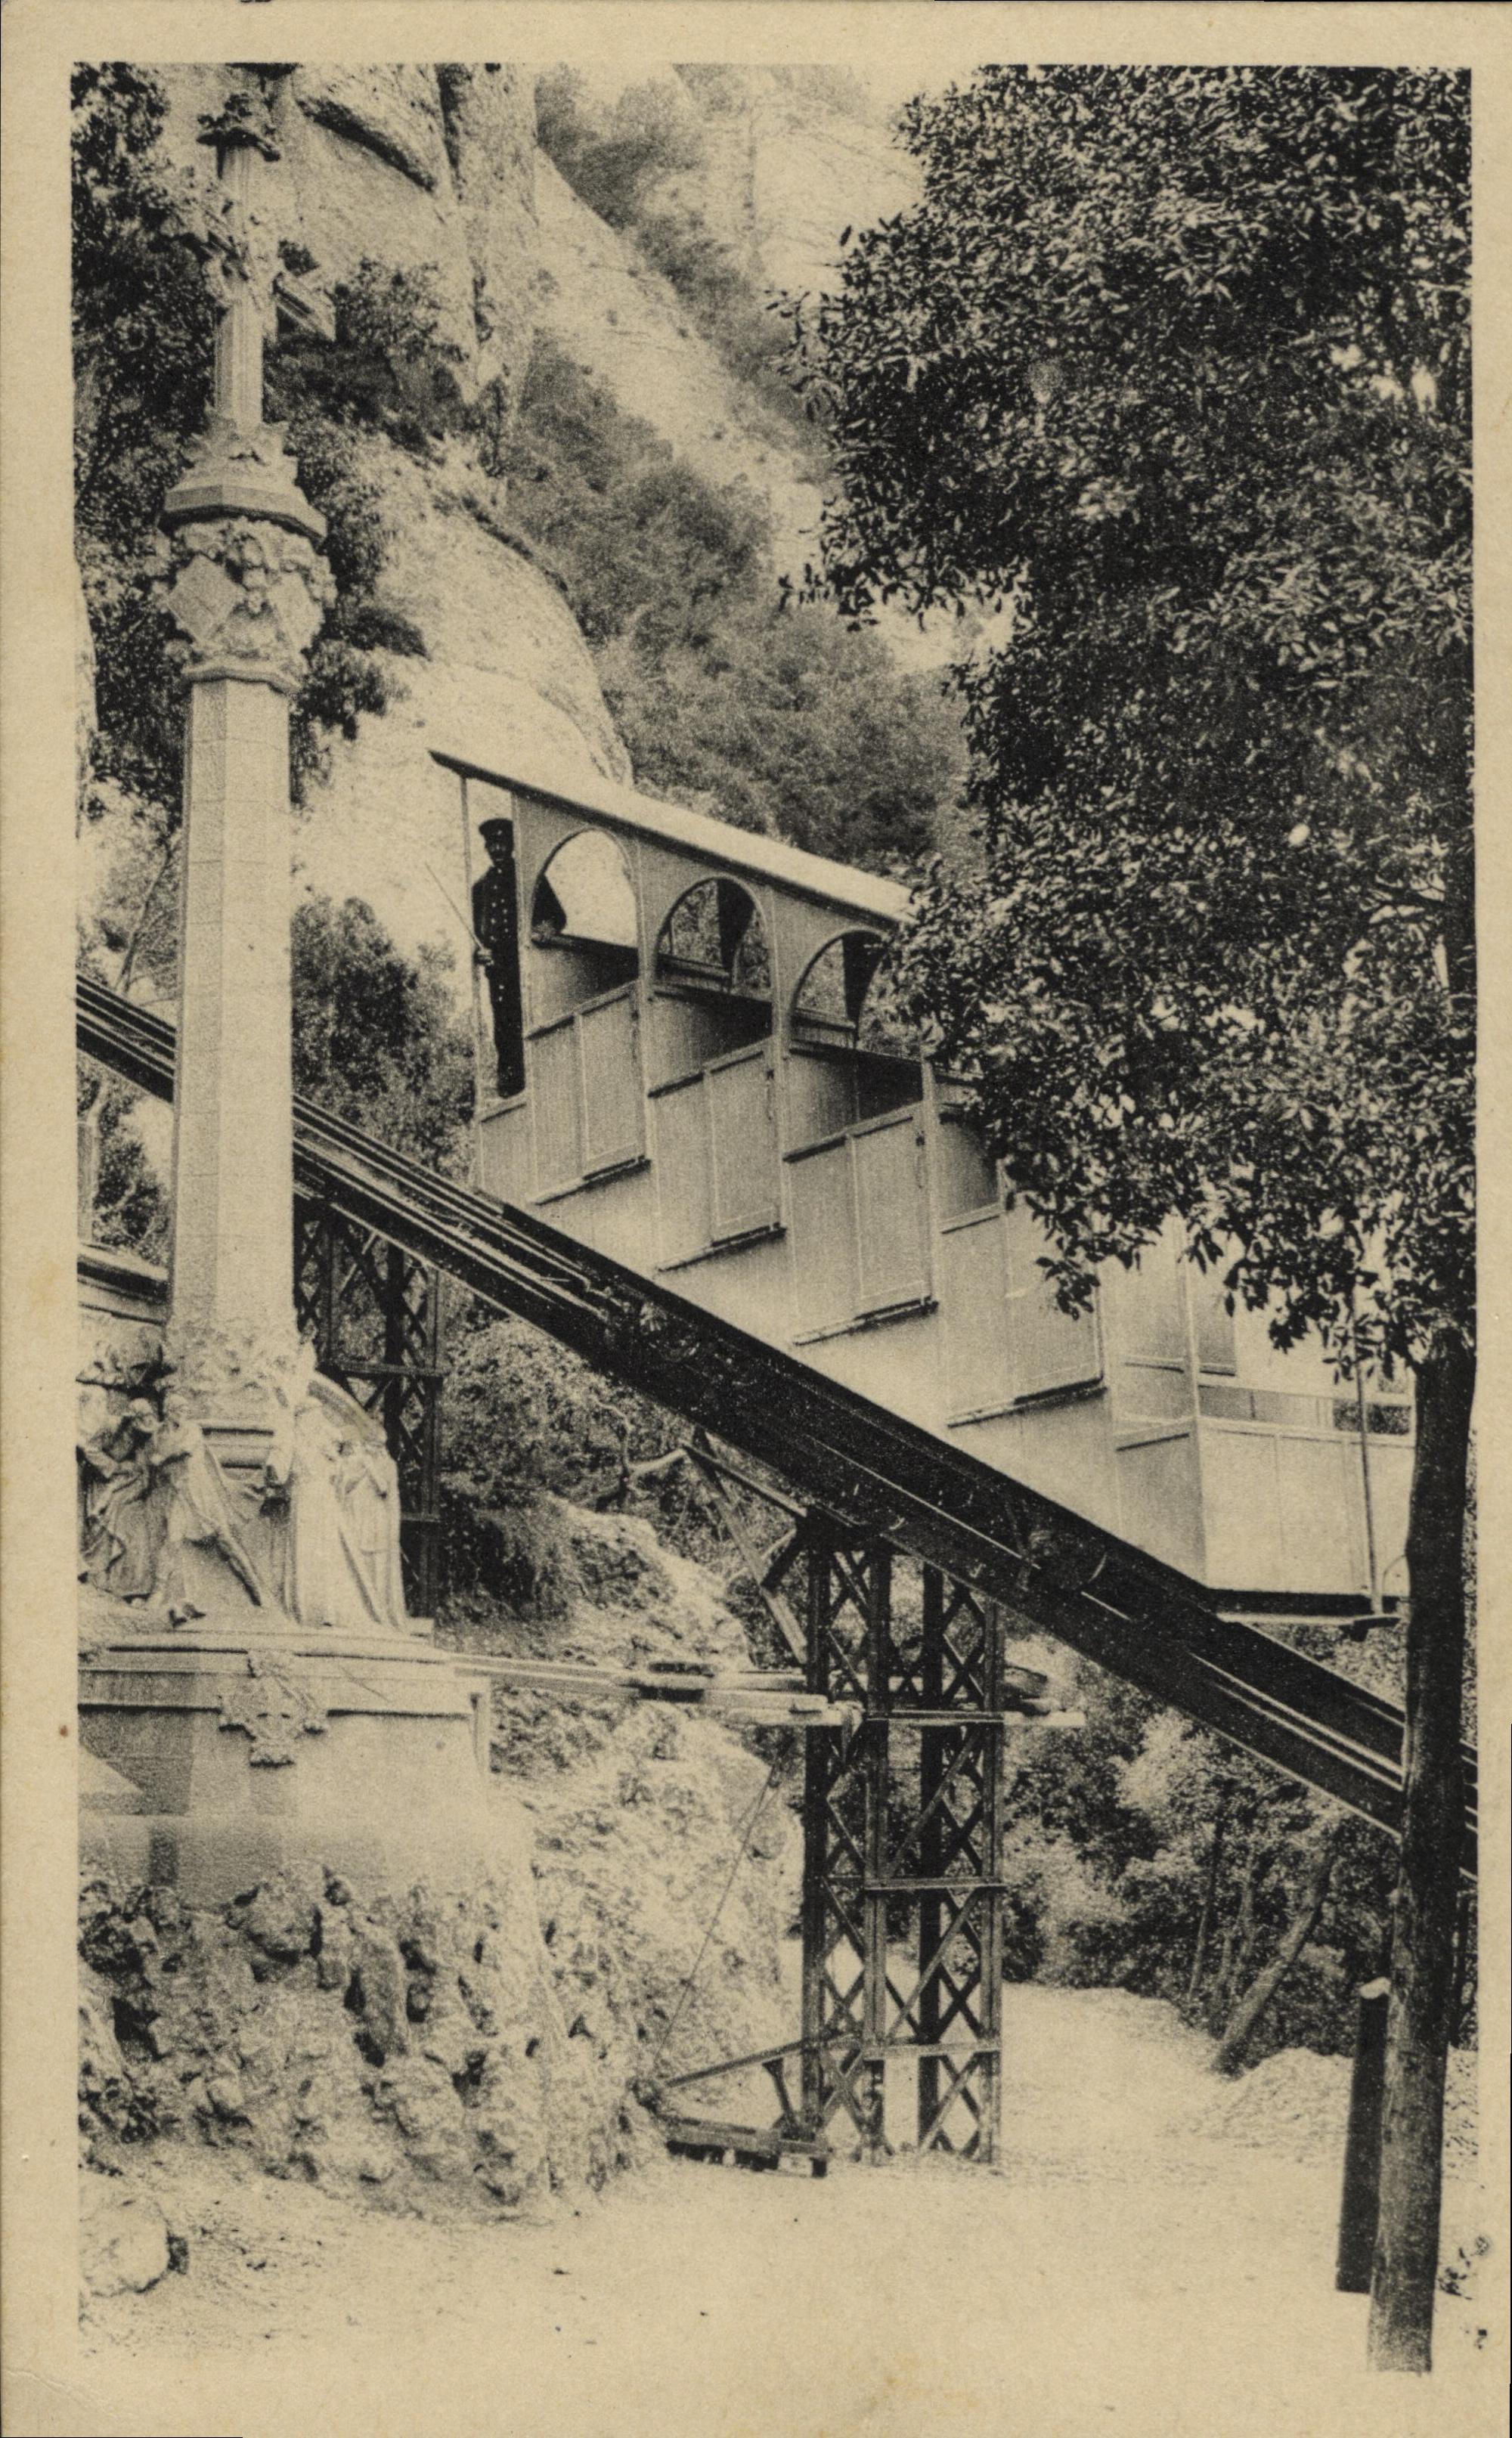 Montserrat album de postals 20101124120500400 girada girada